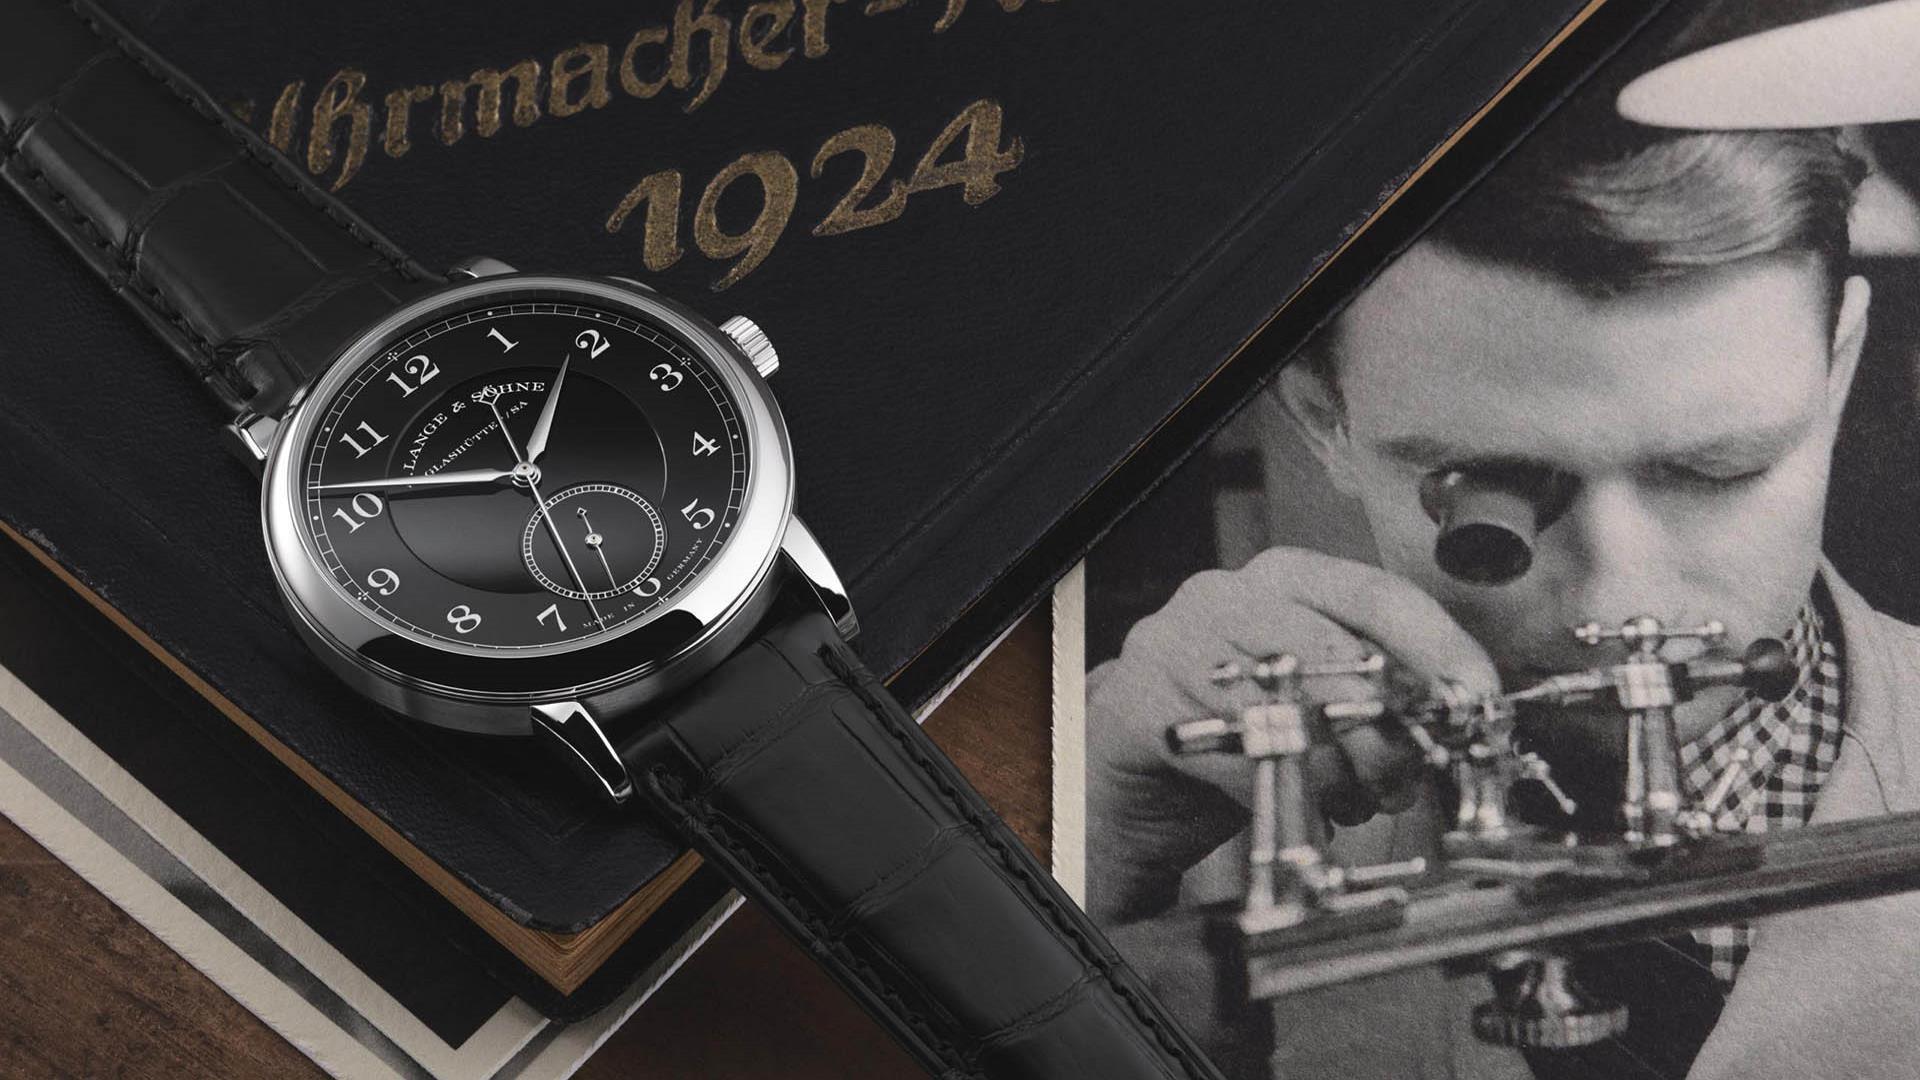 Uhrenkauf als Anlage: A. Lange & Söhne 1815 Sondermodell in Edelstahl für Walter Lange